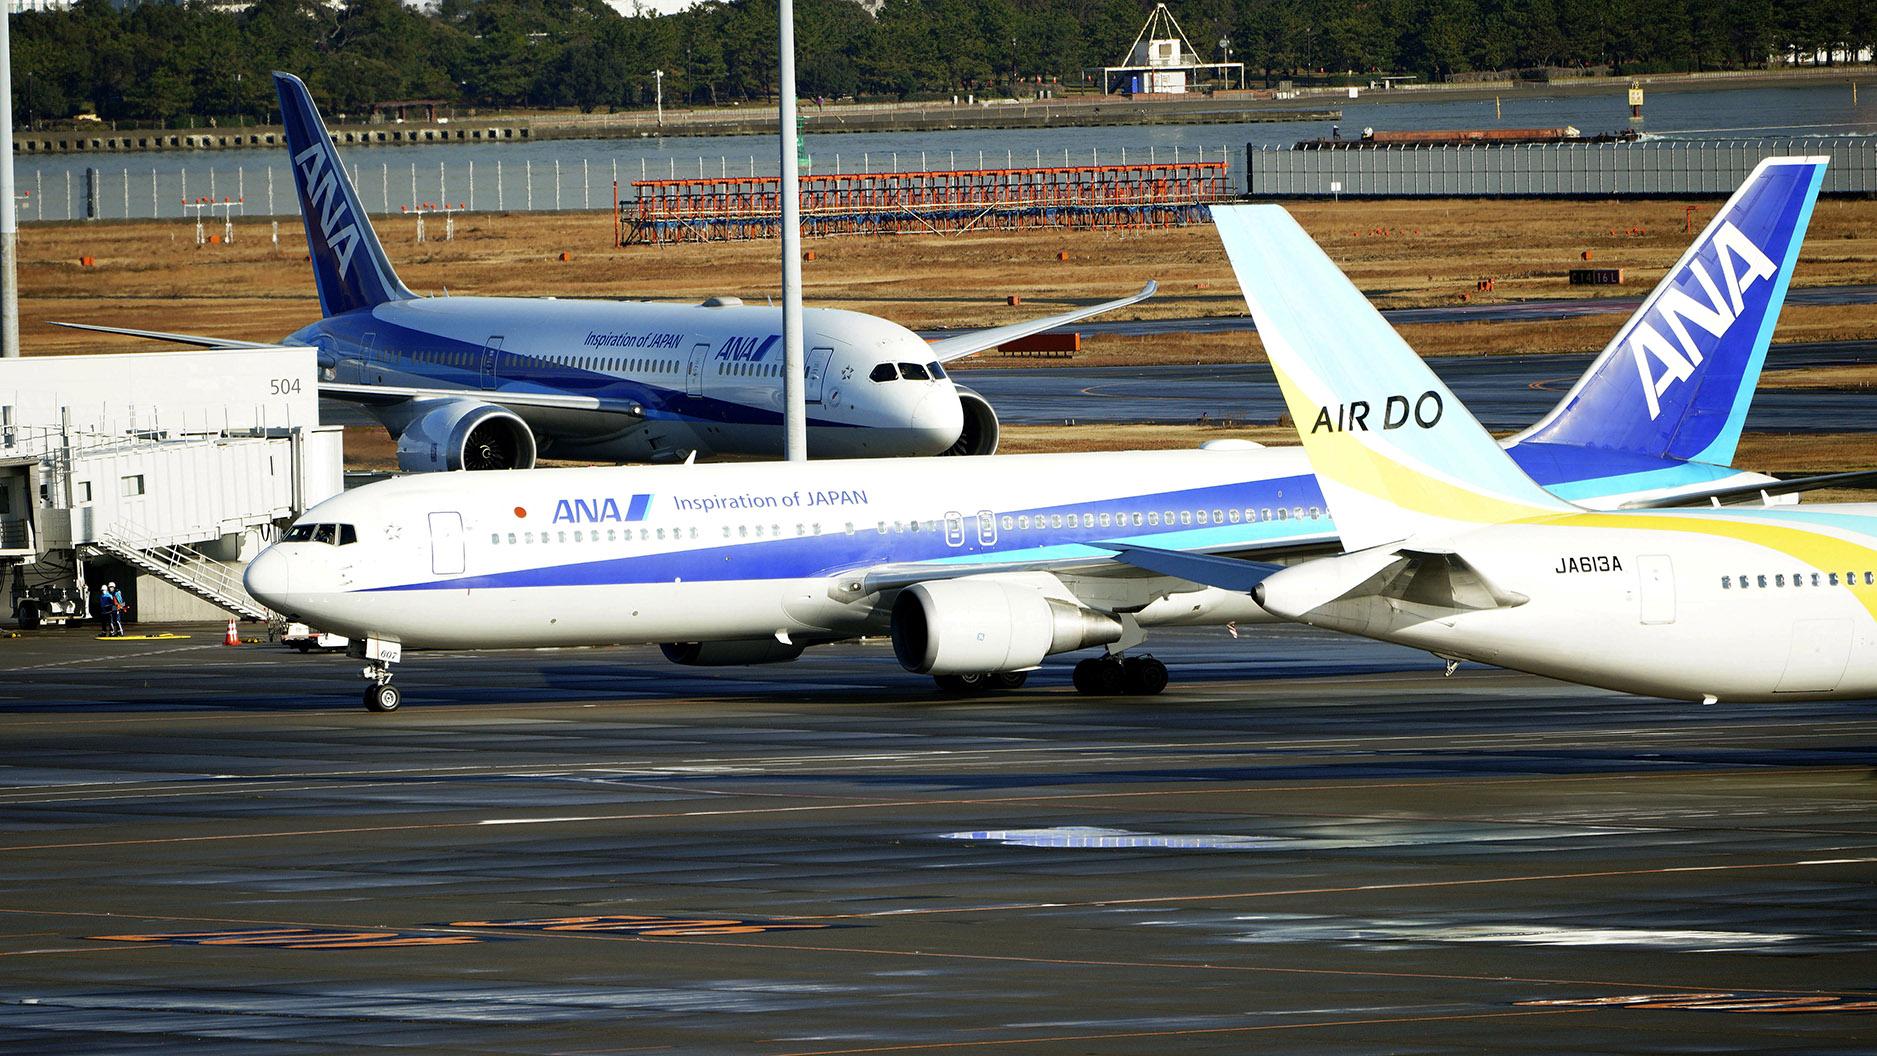 2020年1月29日,日本租用的飞机在中国撤侨。(美联社)